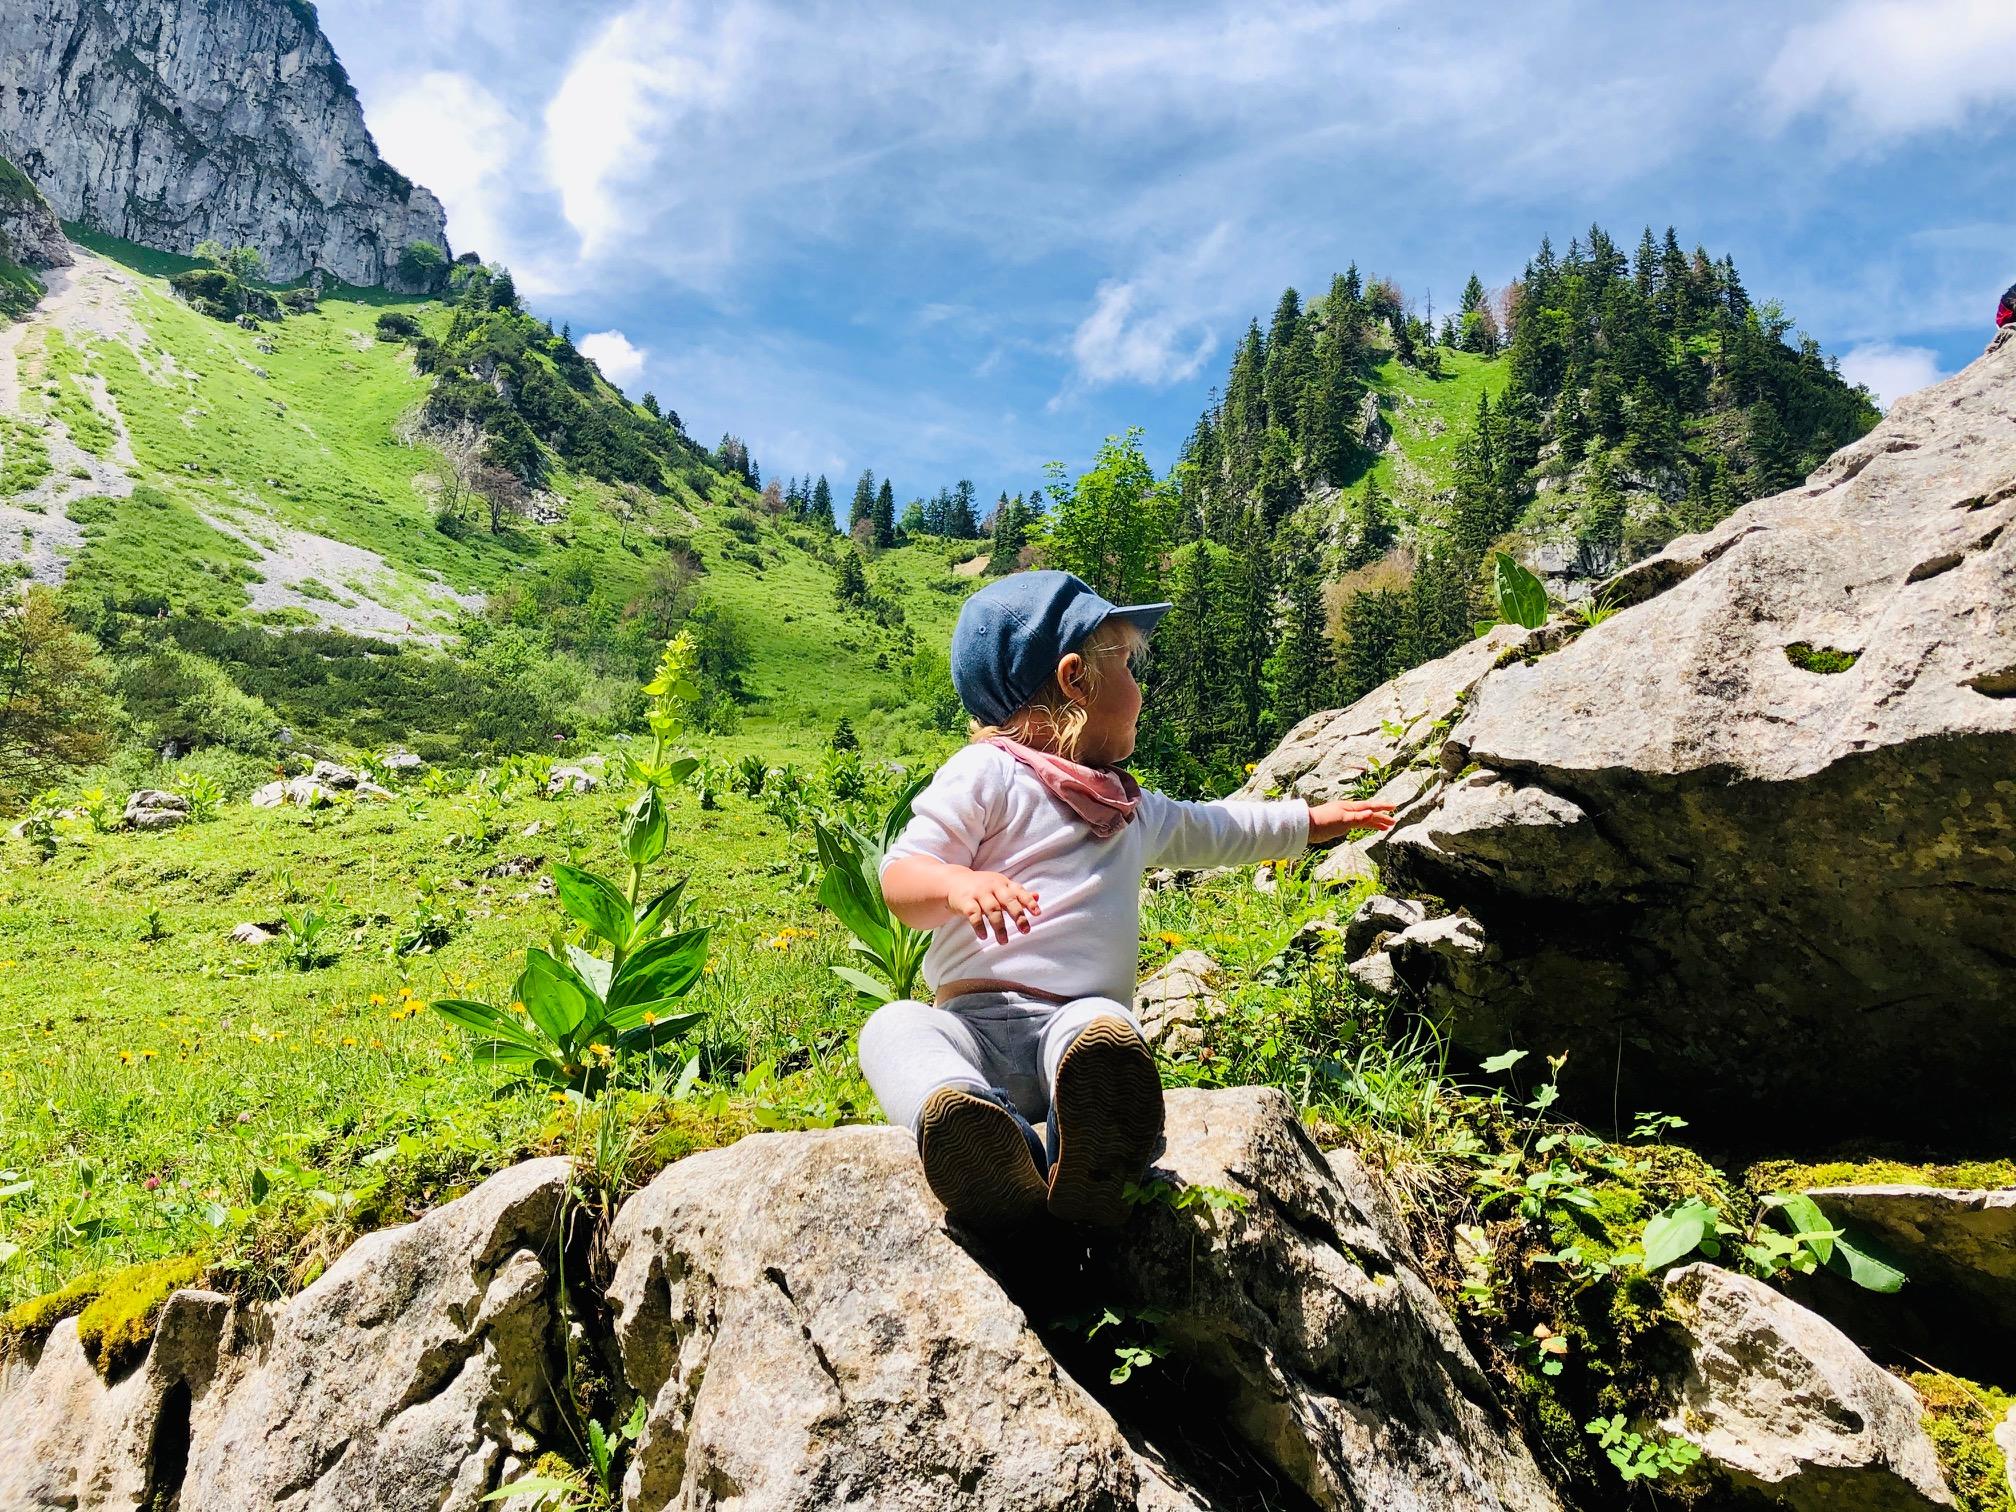 Wandern mit Kind und Kraxe: Tutzinger Hütte und Benediktenwand (1.327m)